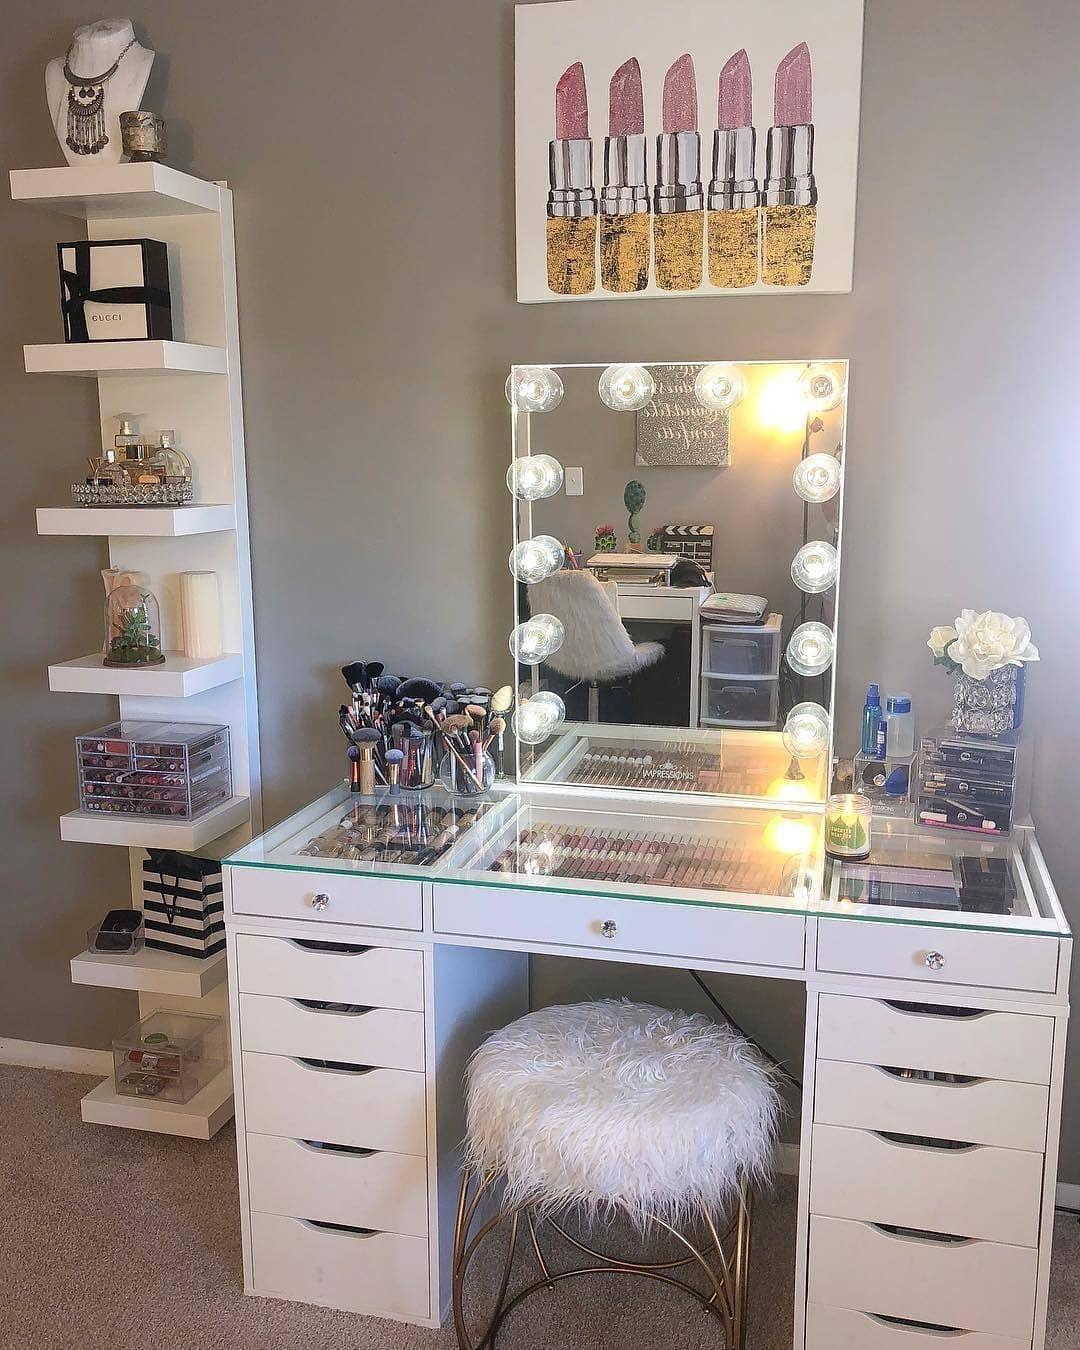 Vanity mirror makeup aesthetics bedroom decor